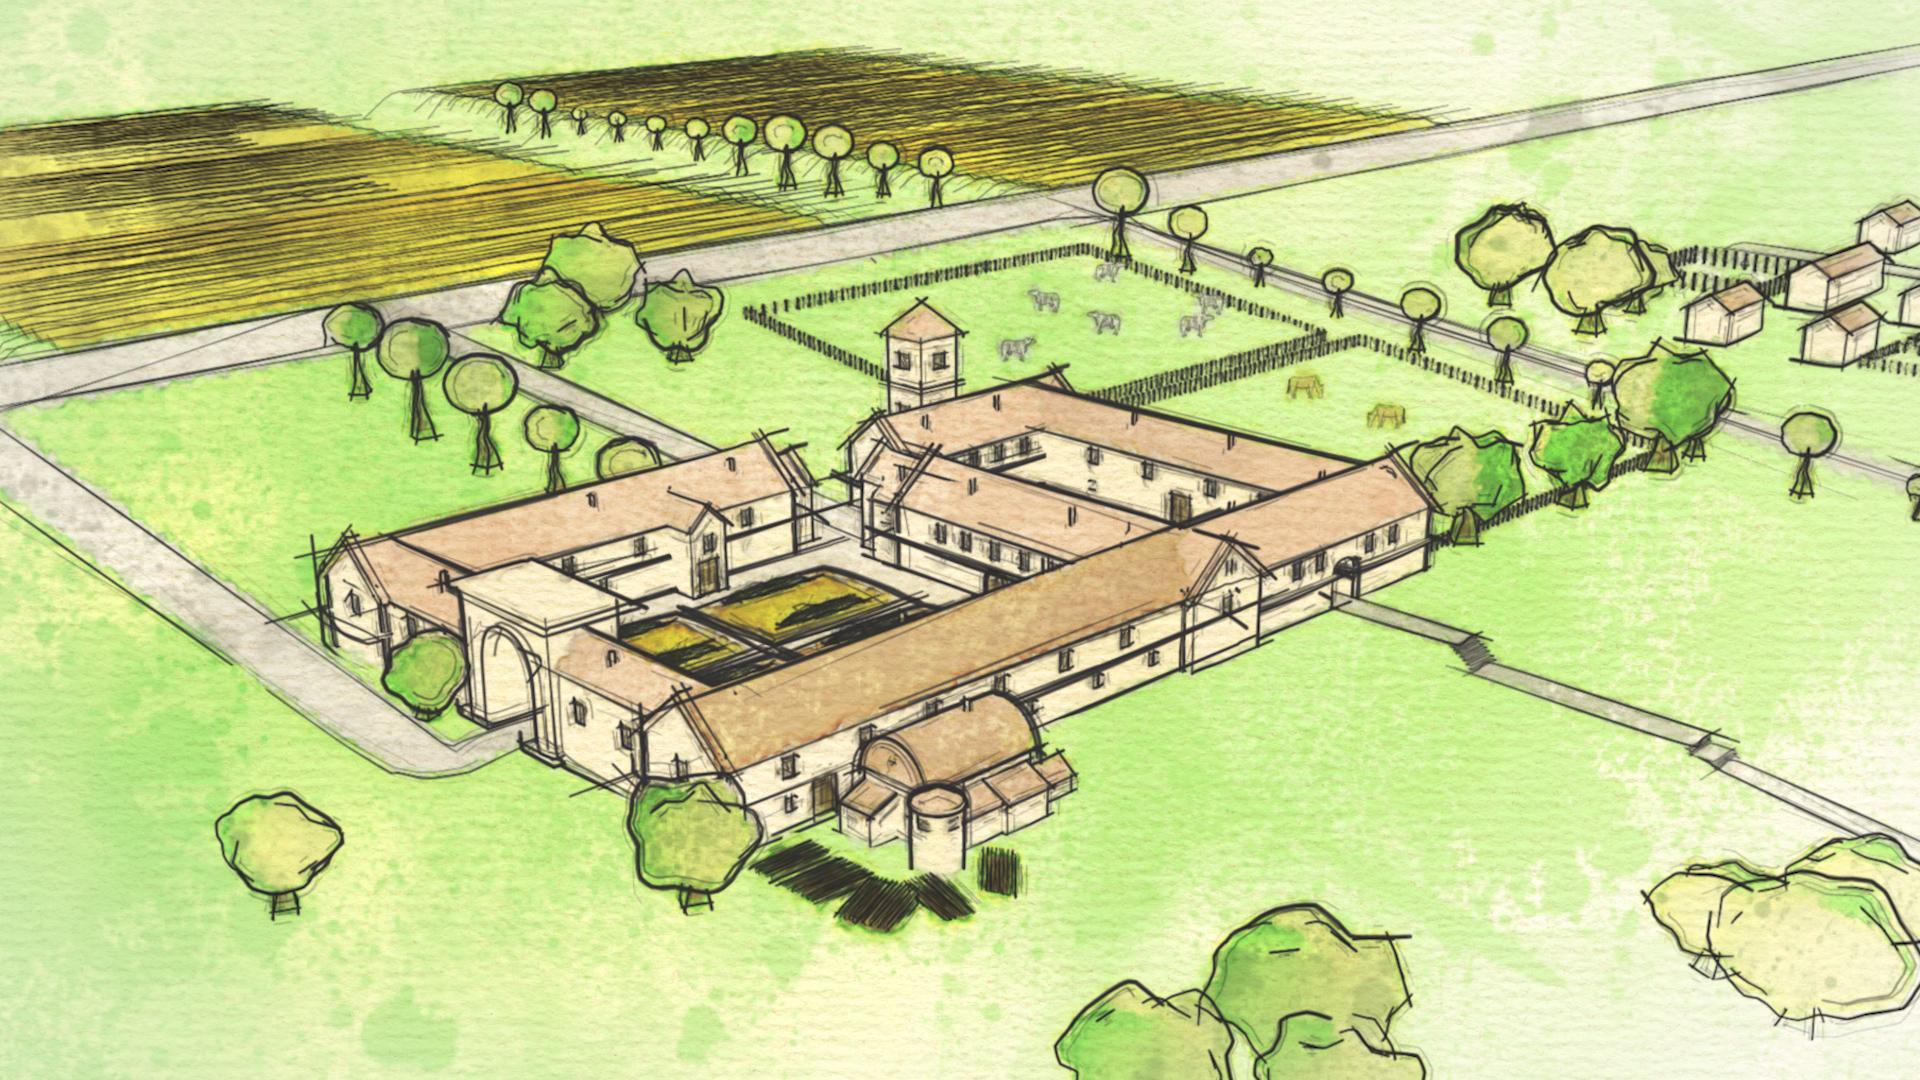 Encontr en su jard n restos de una villa romana hallazgo for Villas romanas